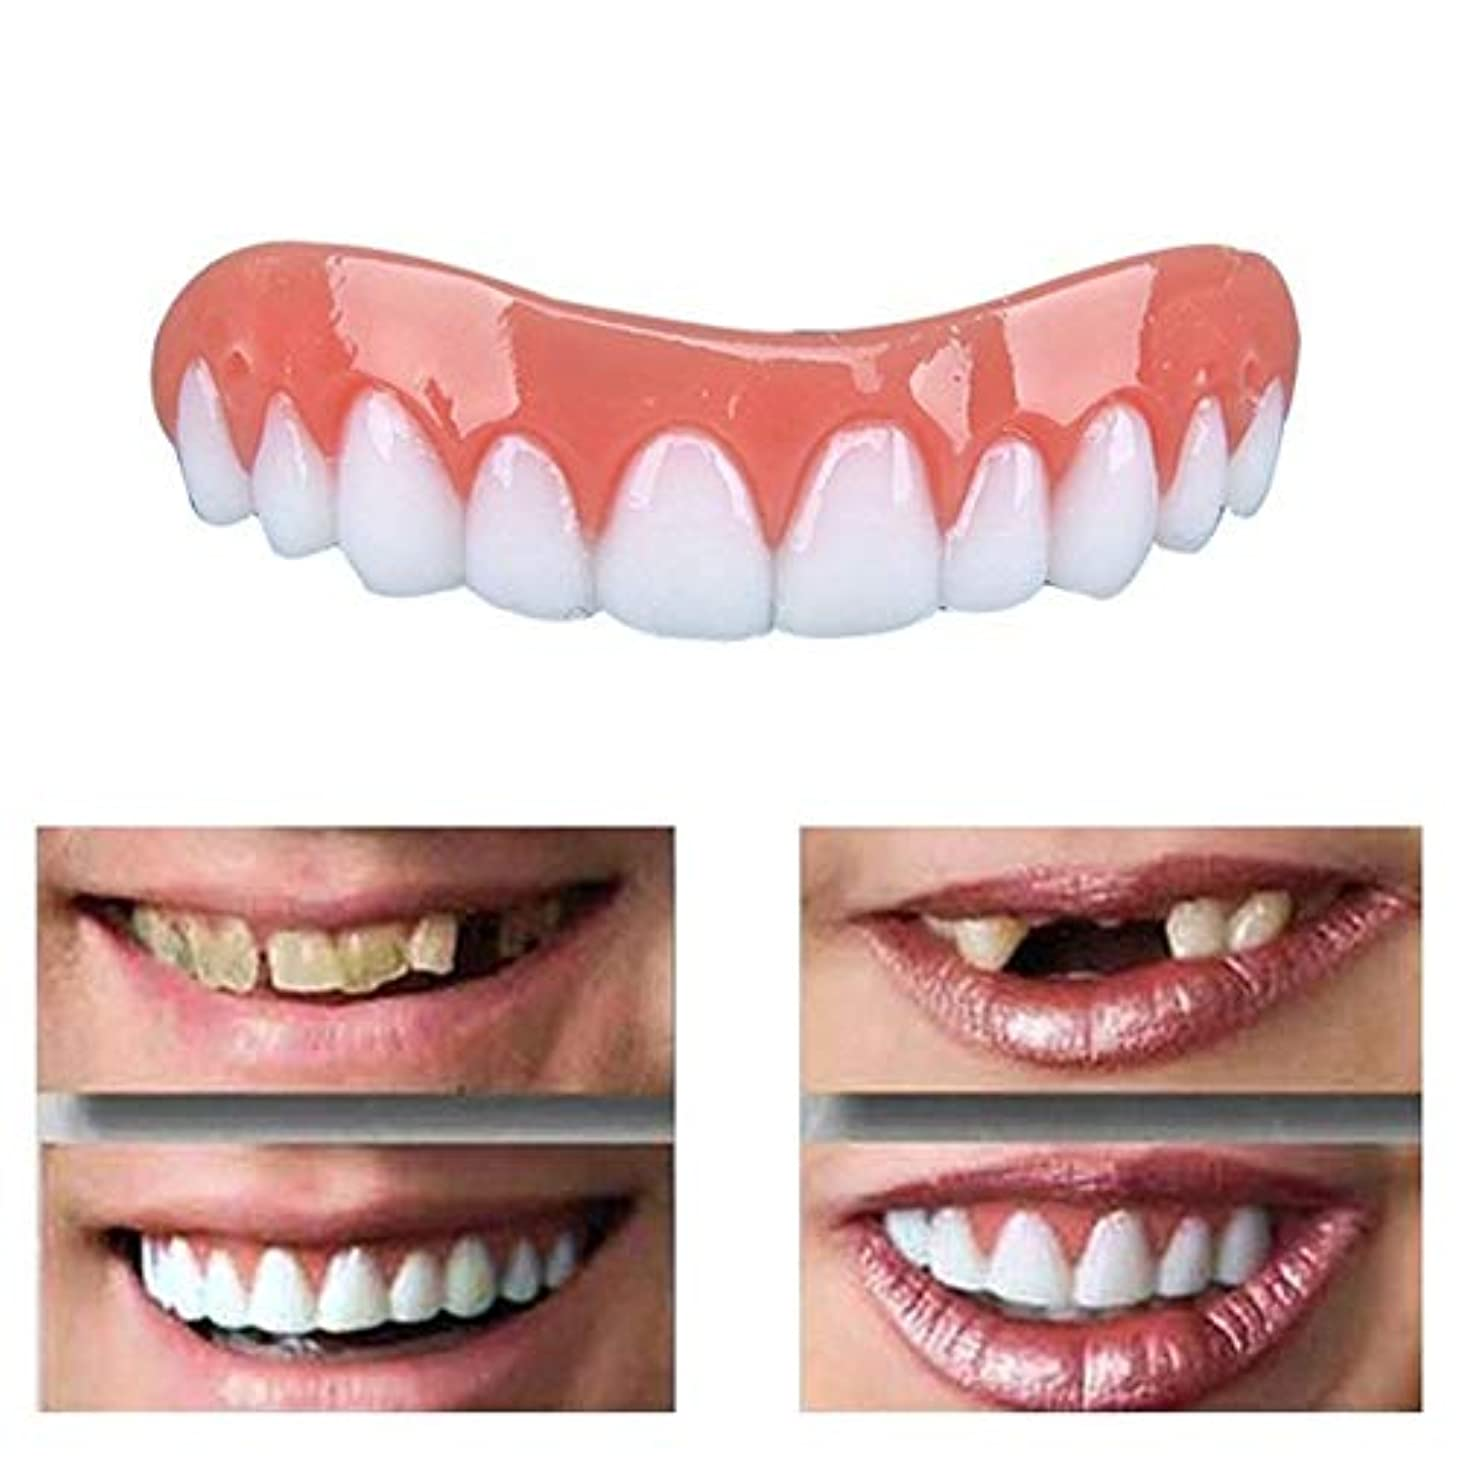 詐欺旅グリーンランド20ピースパーフェクトスマイルベニア偽の歯アッパー偽の歯カバースナップオン即時の歯化粧品義歯のケアオーラルケアシリコーンホワイトニング義歯